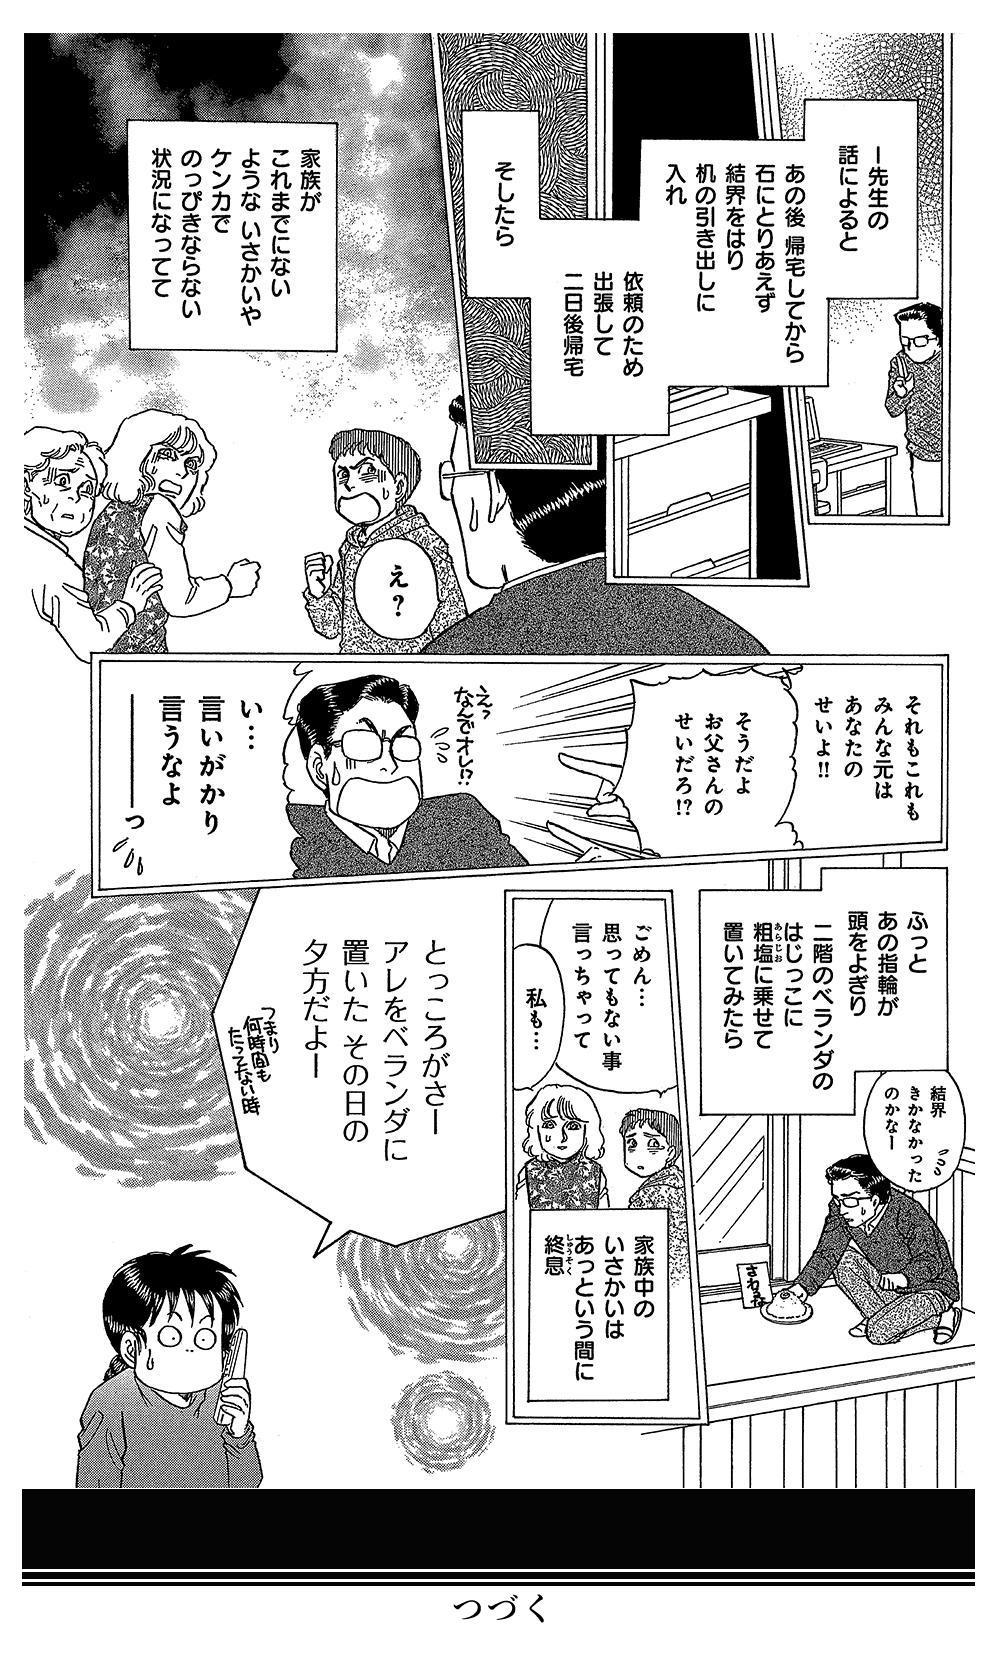 オカルト万華鏡 第1話 ①oka11.jpg